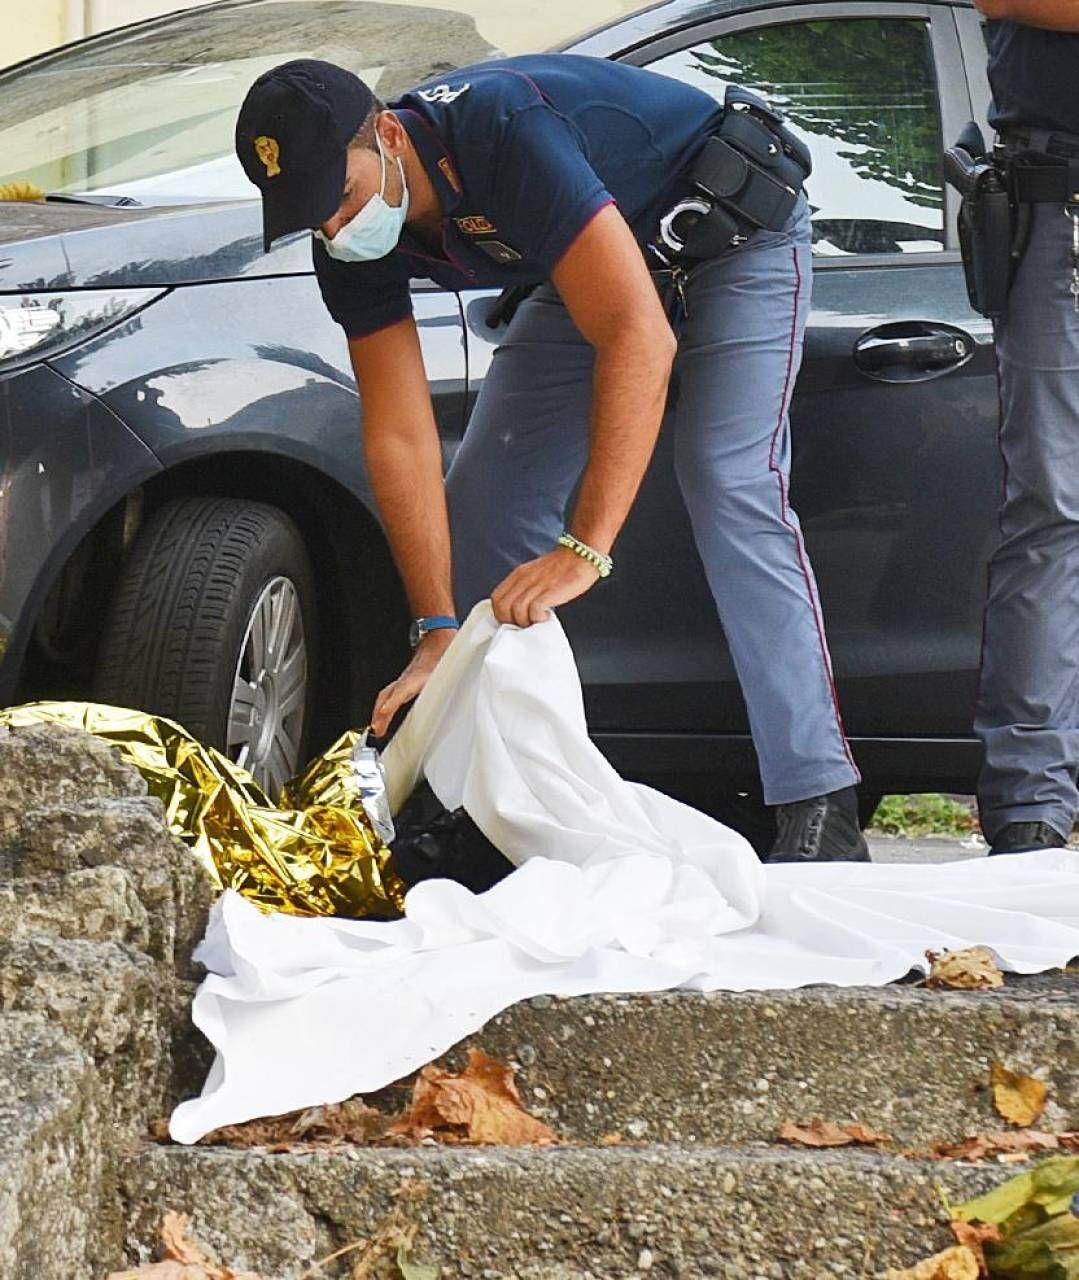 Un agente sul luogo dove è stato ucciso il prete di Como, attivo nella pastorale coi migranti; sopra a destra, la vittima don Roberto Malgesini